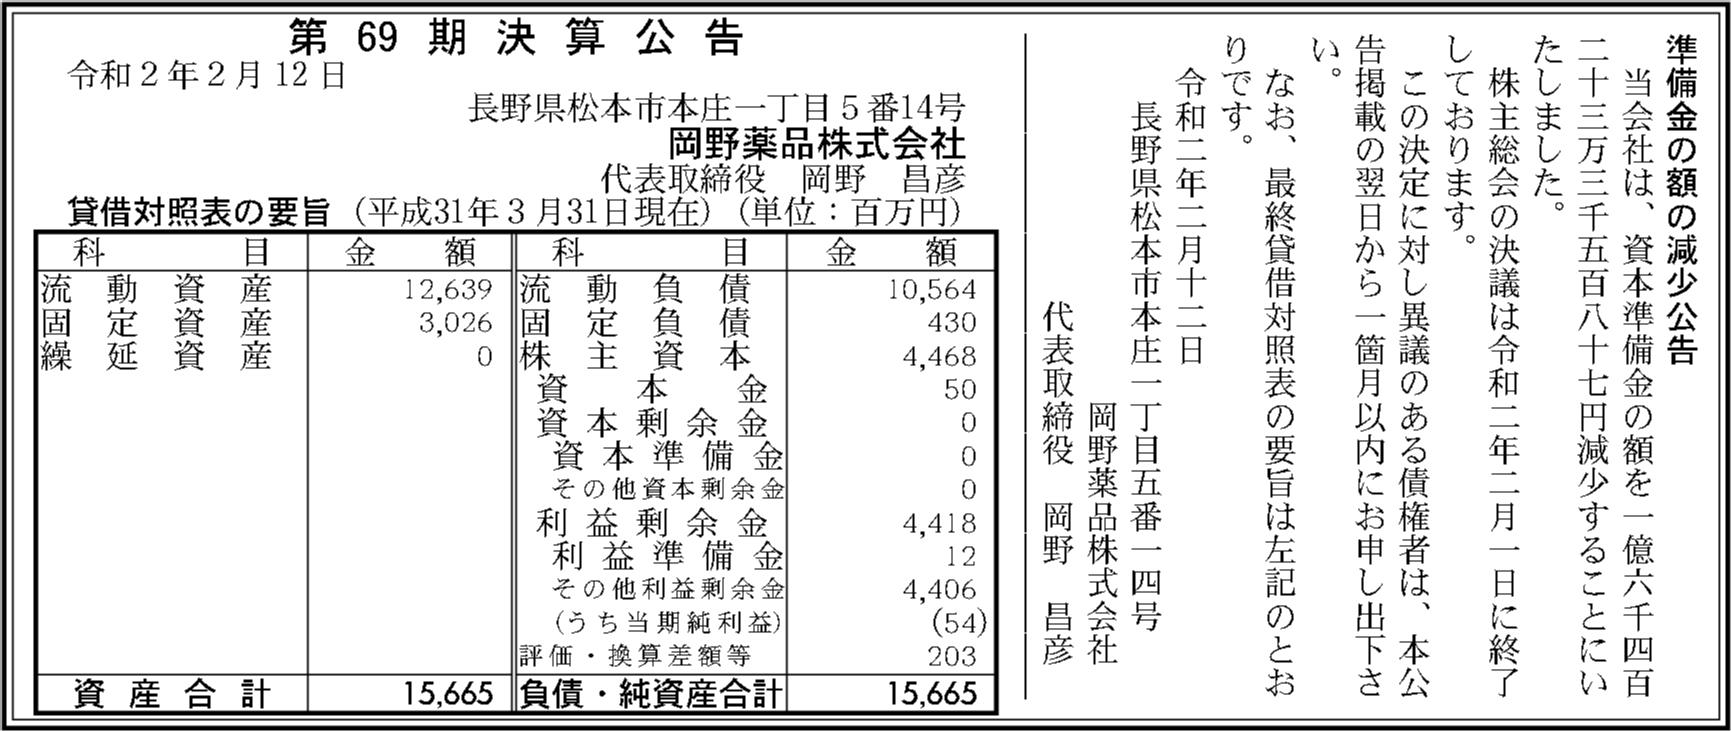 0060 8f165b776534766003b1d43b9b47cbfd3029103c49b8576c1f5de90d64207f25d0521350a4009ee29d8b7e8fb5ed4610b4483baf4e74425a50940245a0ad6e9a 03